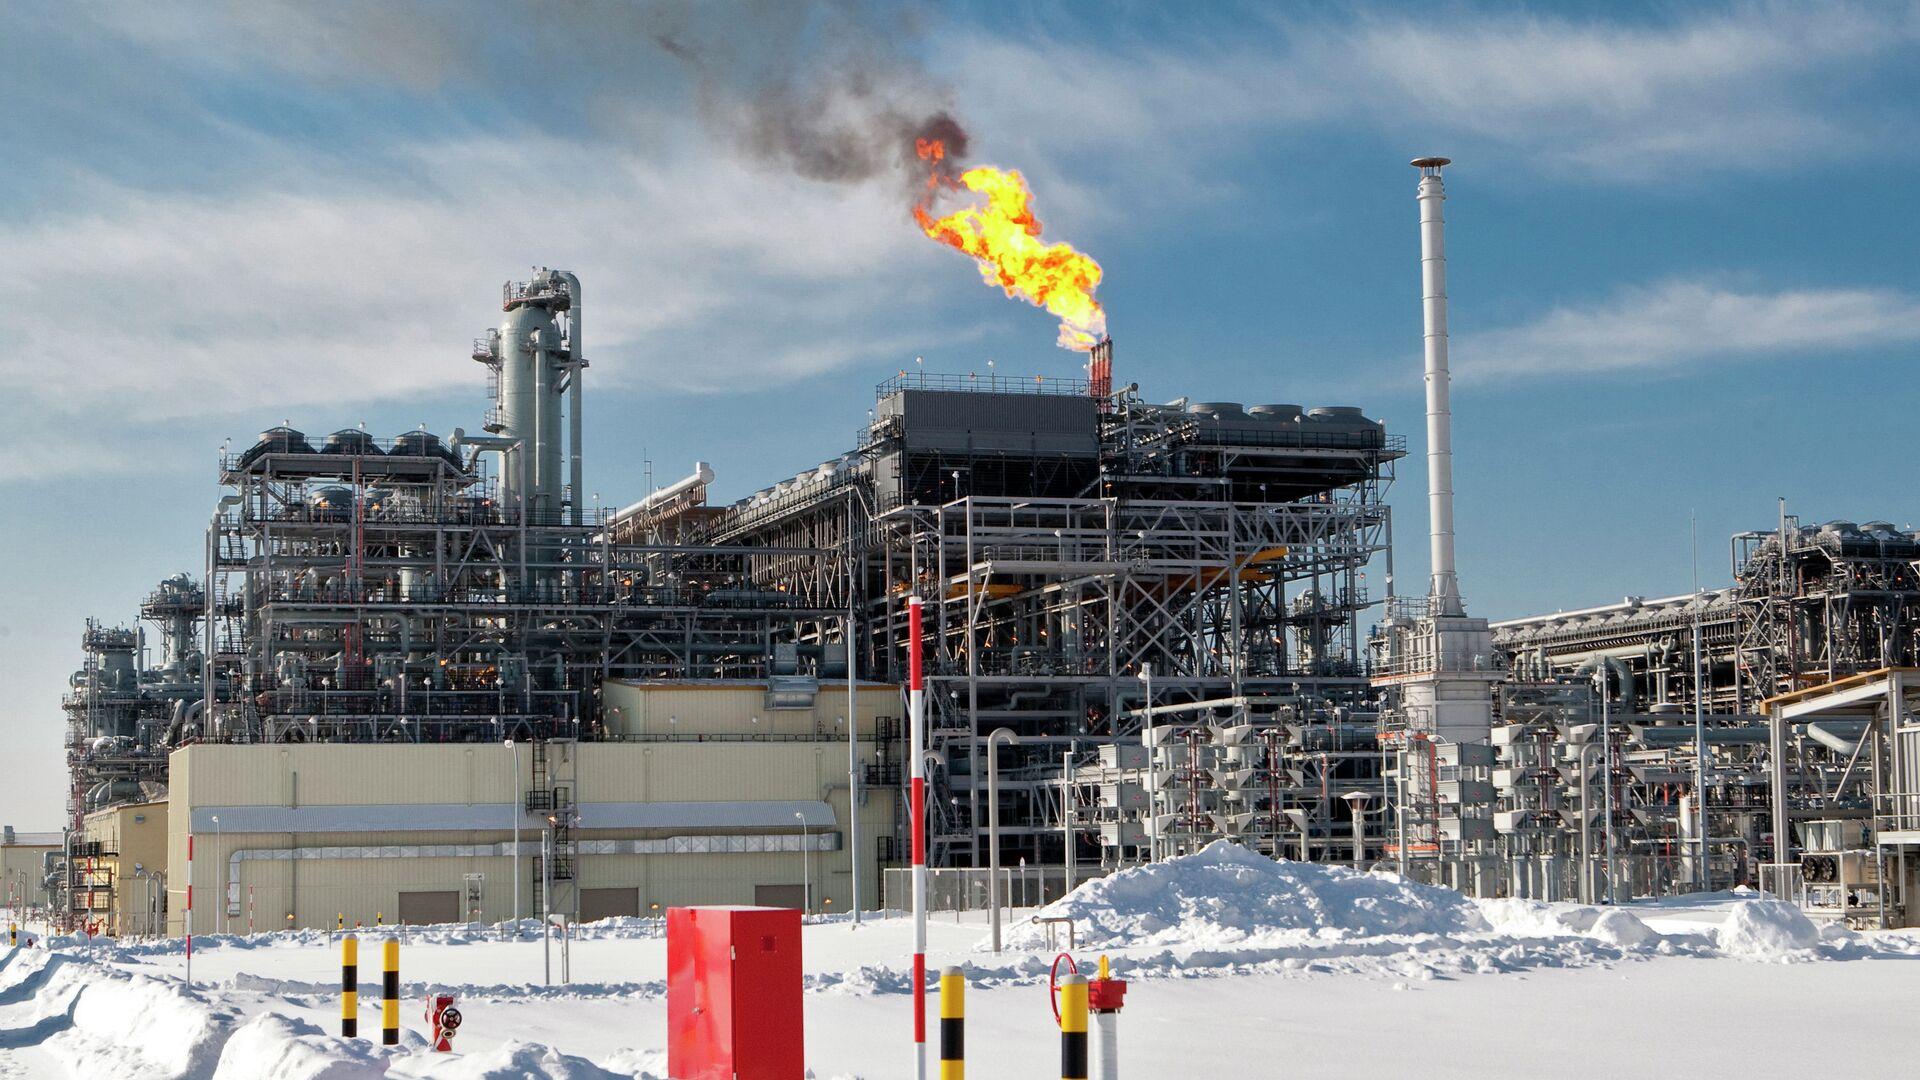 Estrazione del gas naturale in Russia - Sputnik Italia, 1920, 20.09.2021